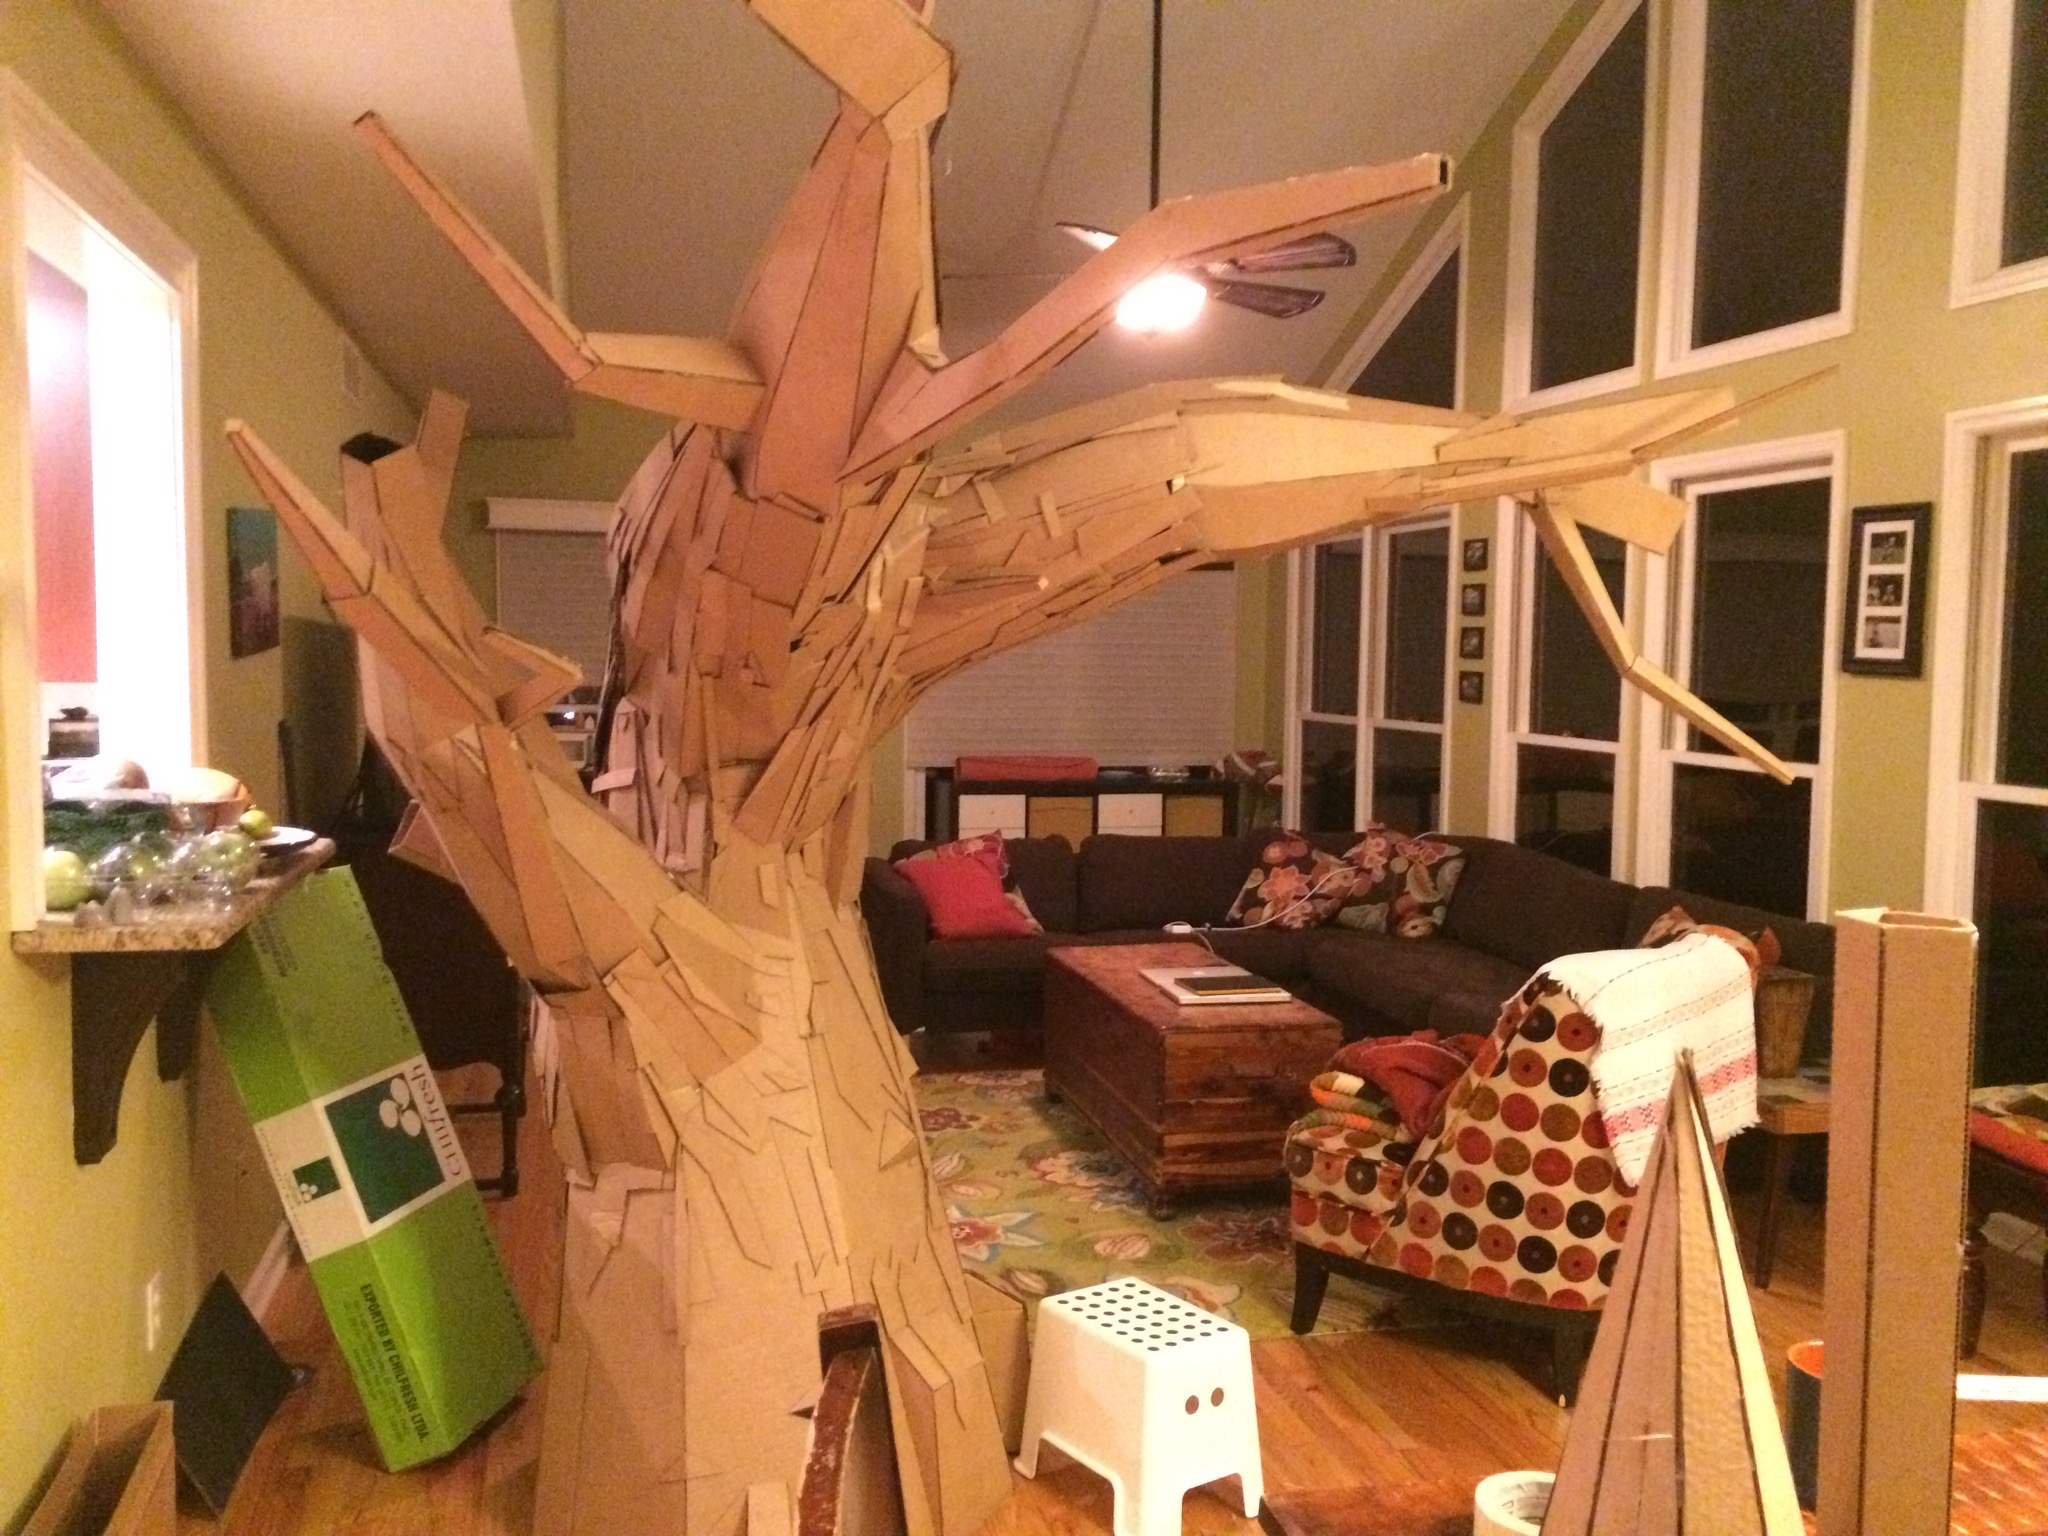 cardboard tree in living room